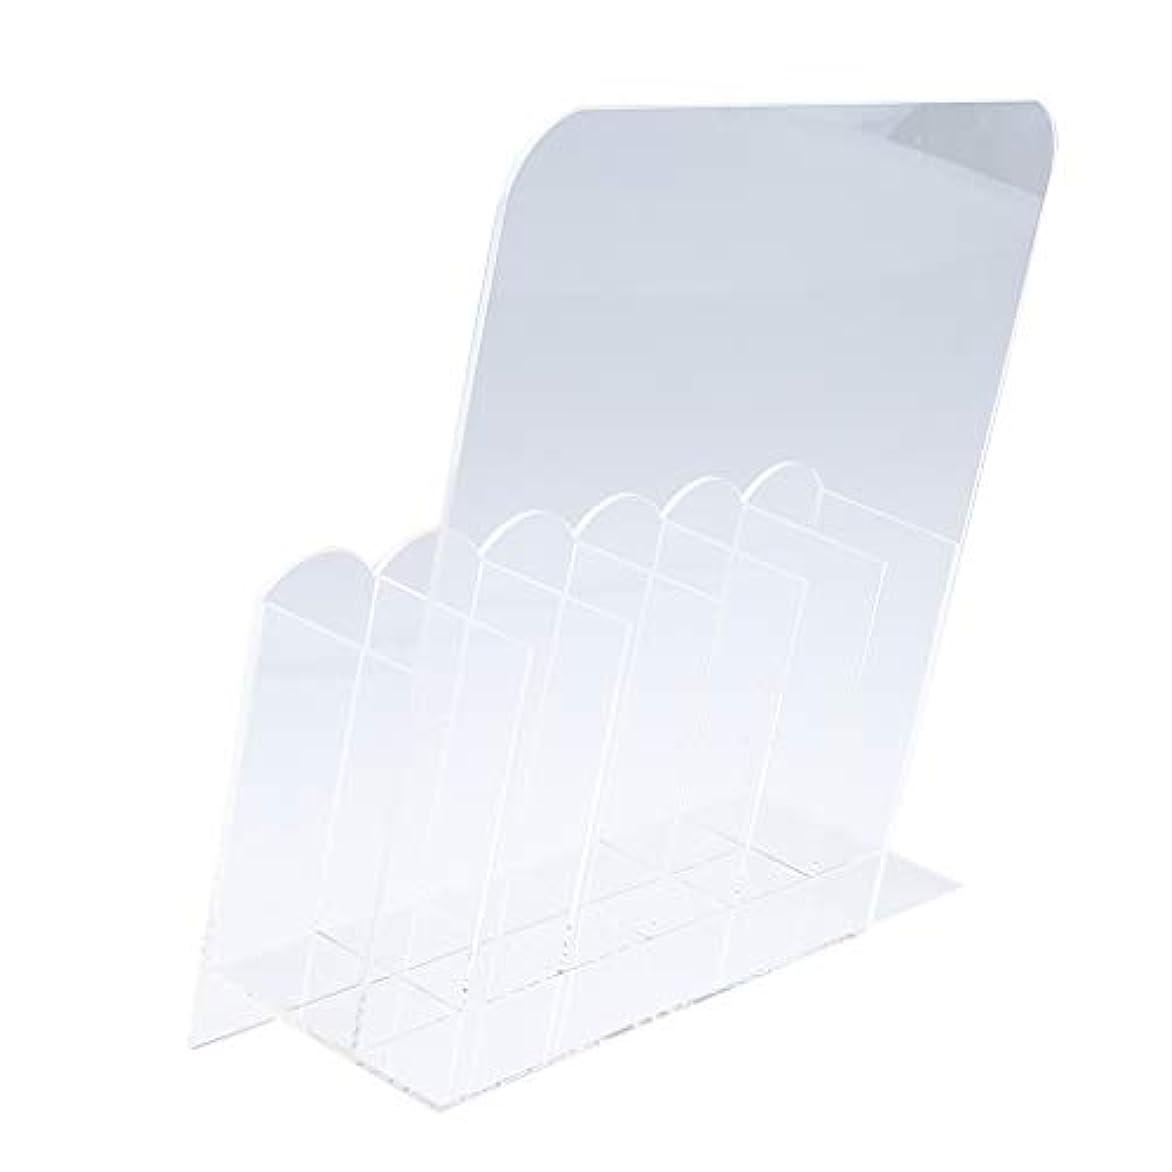 目覚めるビザヒュームSM SunniMix 収納ボックス 6グリッド ネイル収納 マニキュアツールオーガナイザー